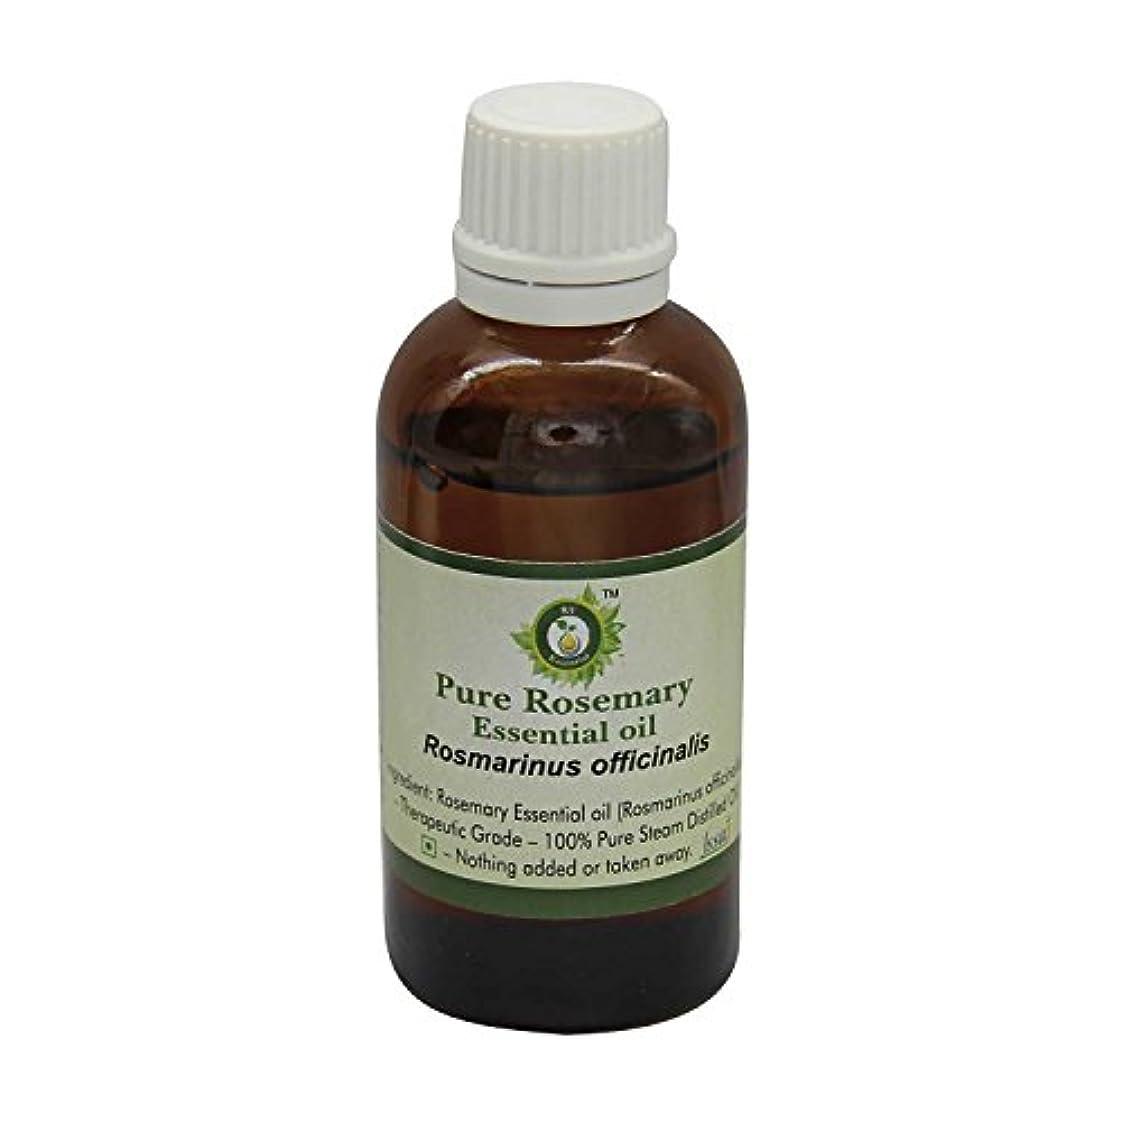 トーナメントスペアありがたいR V Essential ピュアローズマリーエッセンシャルオイル30ml (1.01oz)- Rosmarinus Officinalis (100%純粋&天然スチームDistilled) Pure Rosemary...